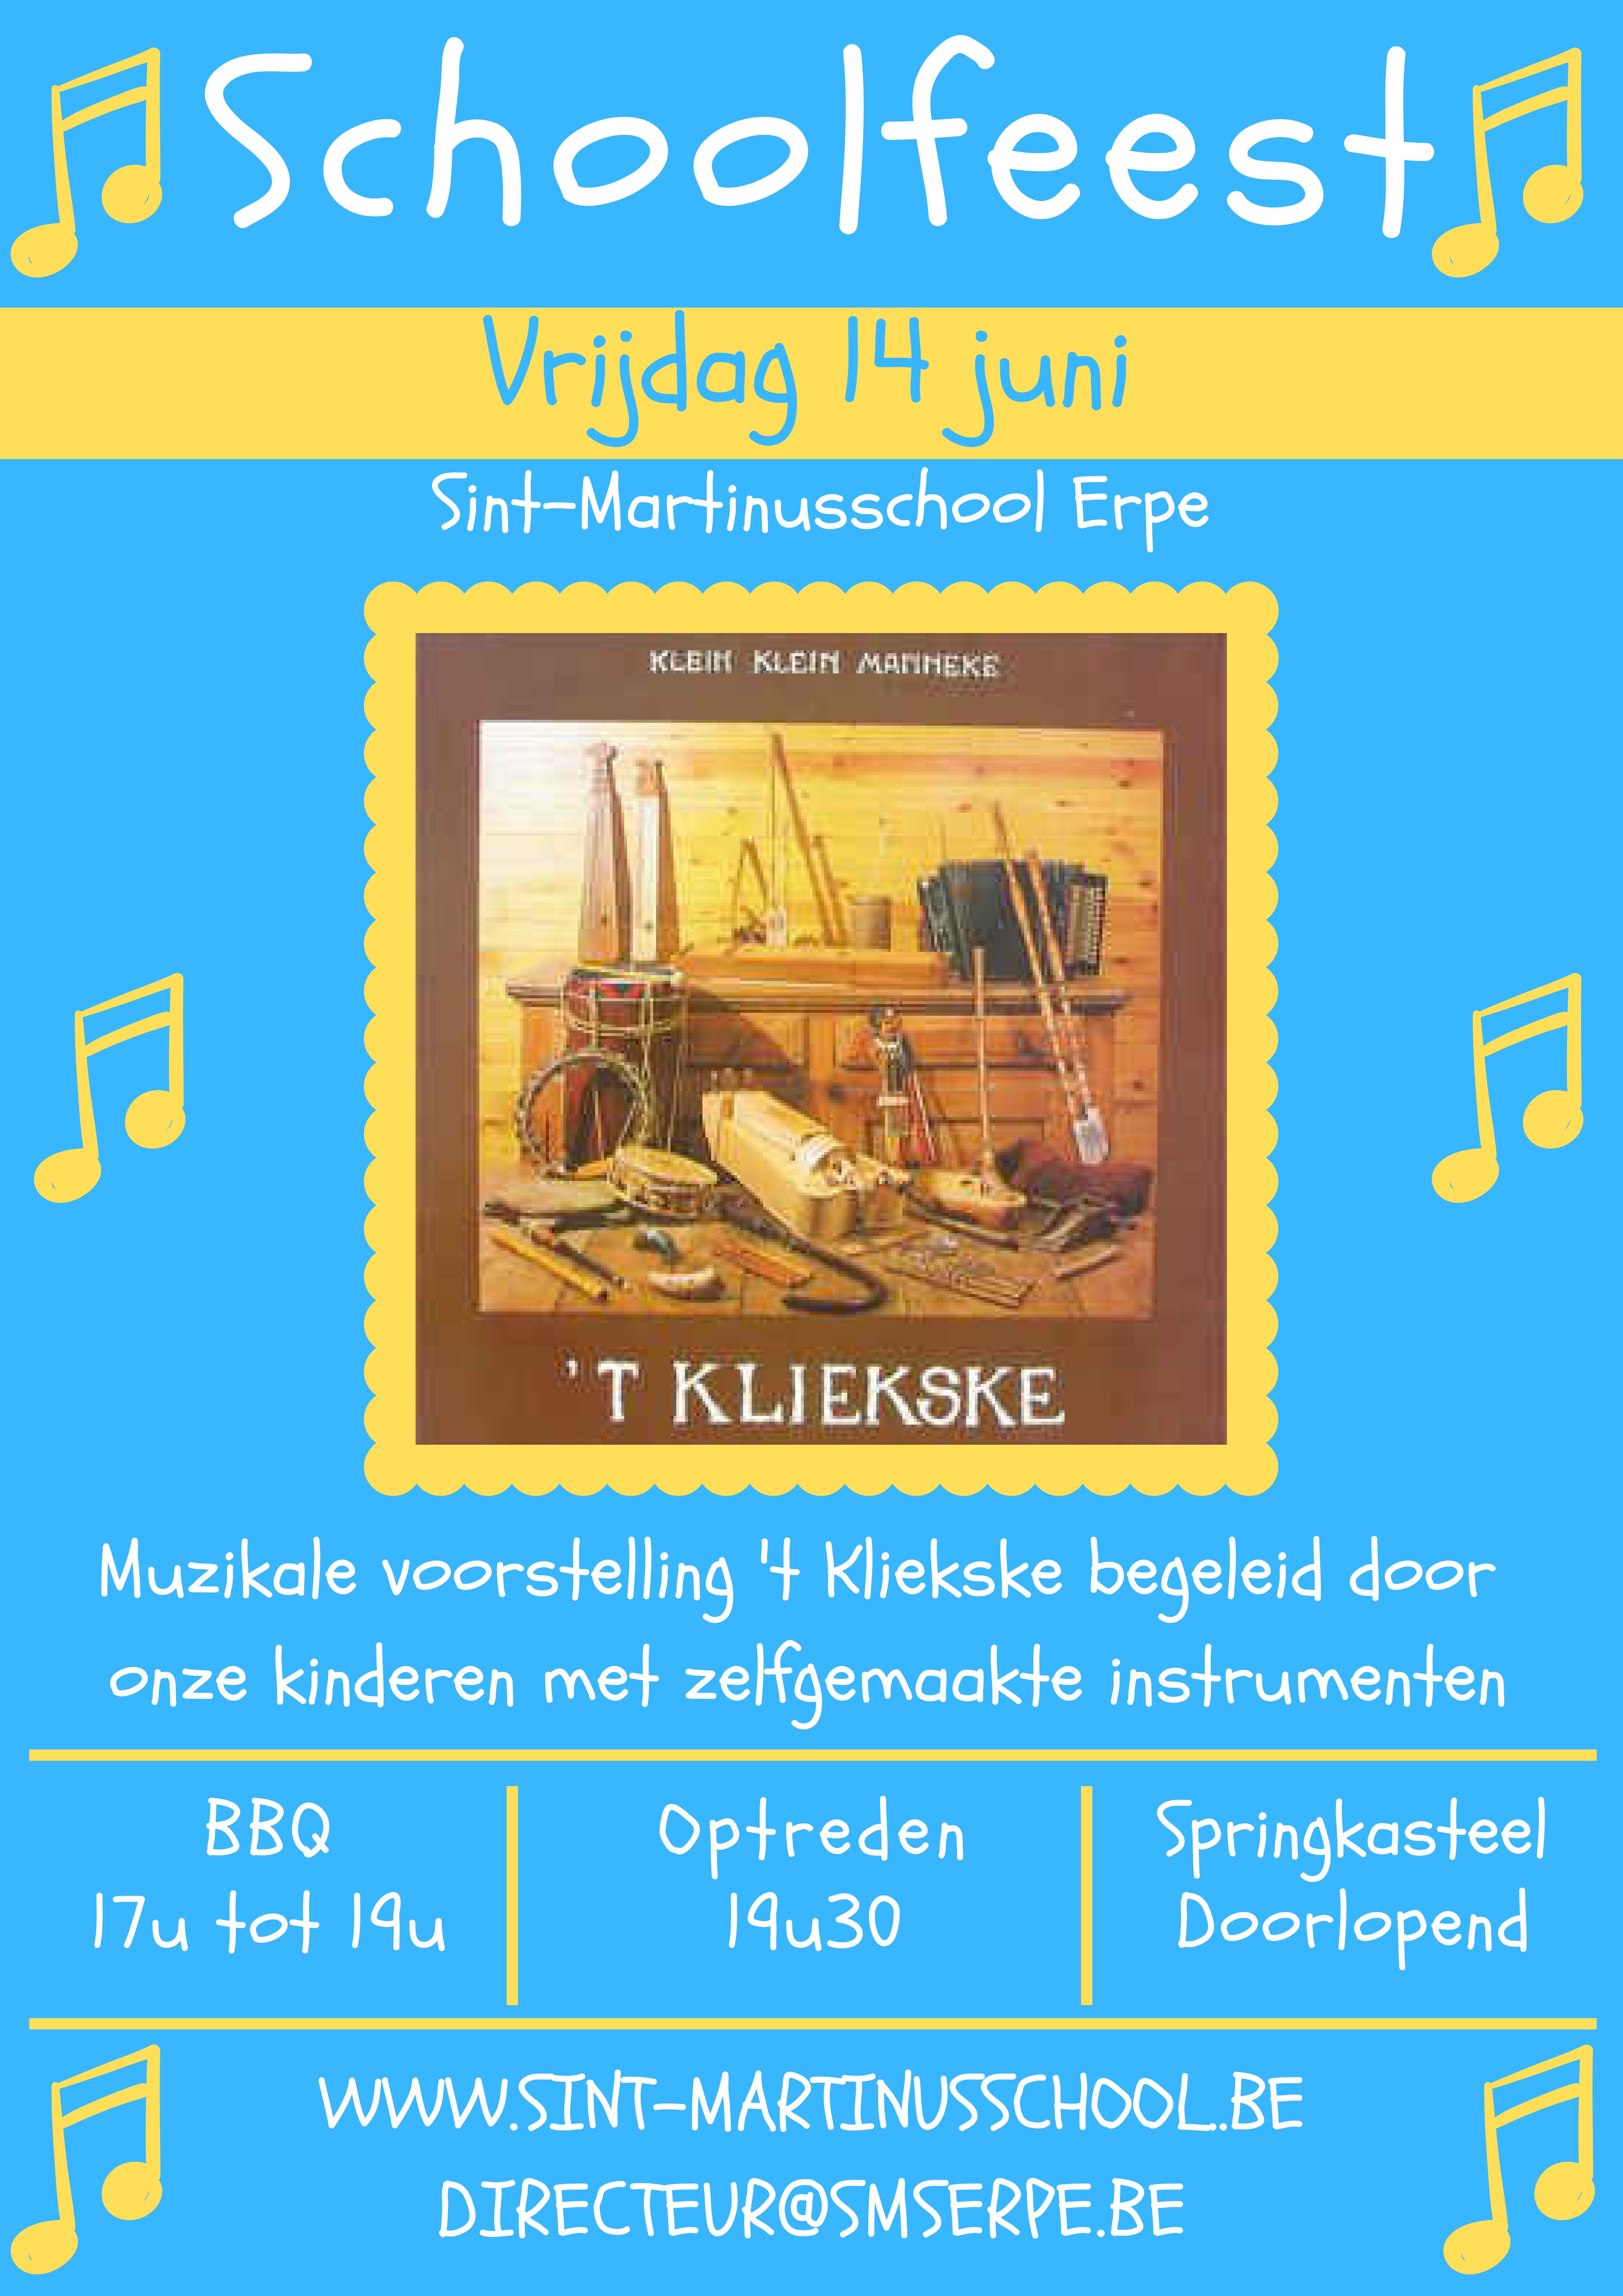 Schoolfeest vrijdag 14 juni